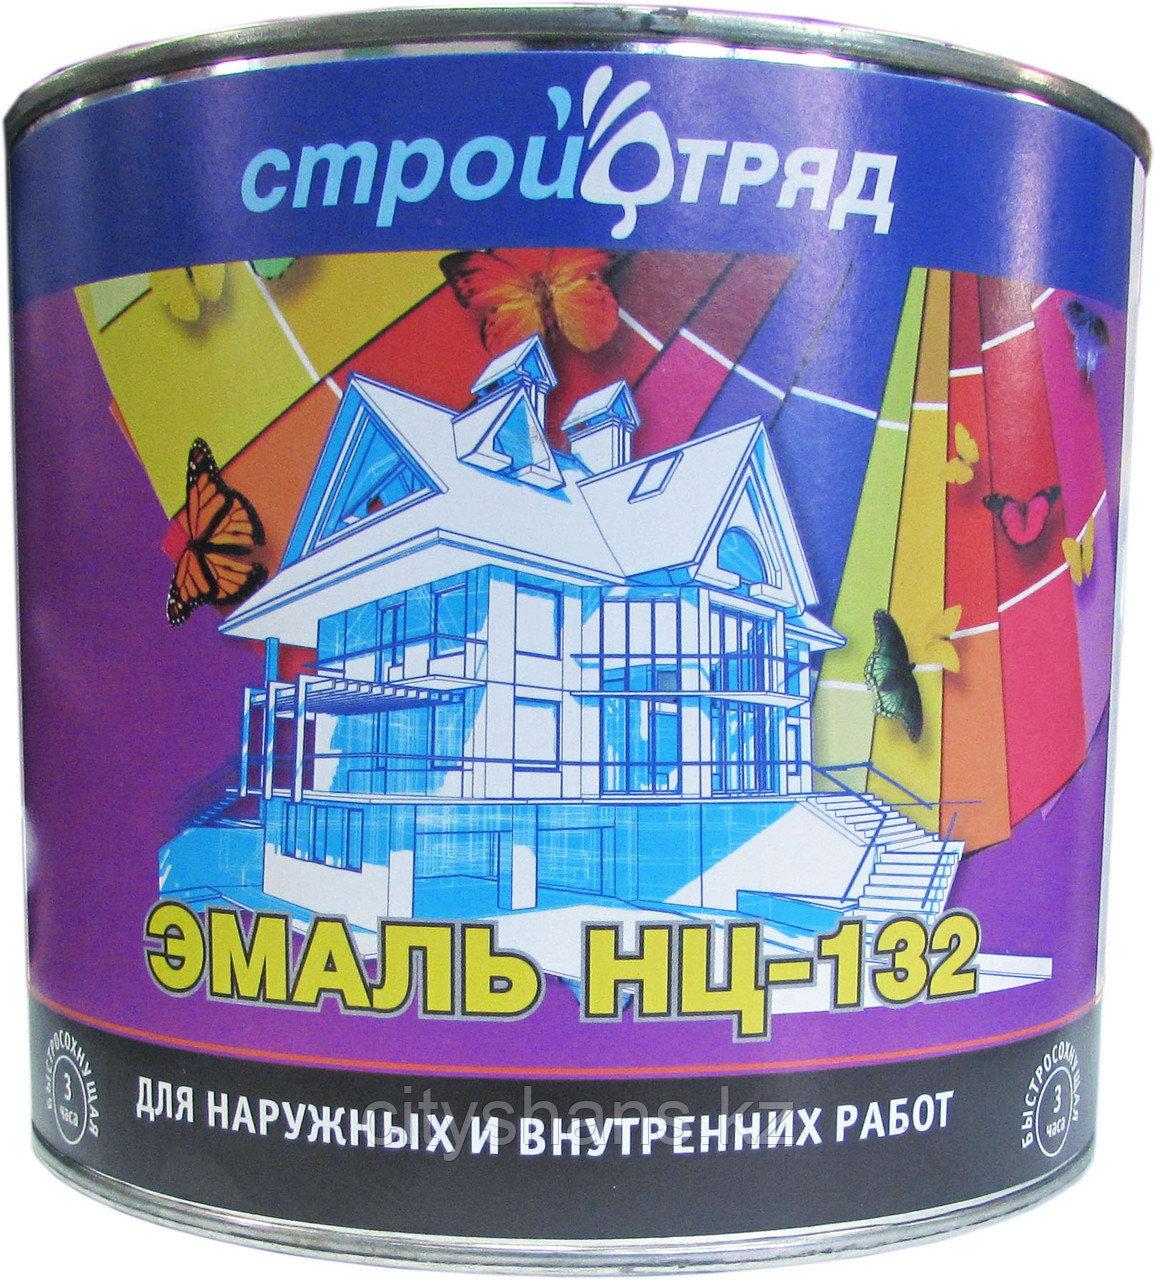 ЭМАЛЬ НЦ-132 голубая 0,7 кг